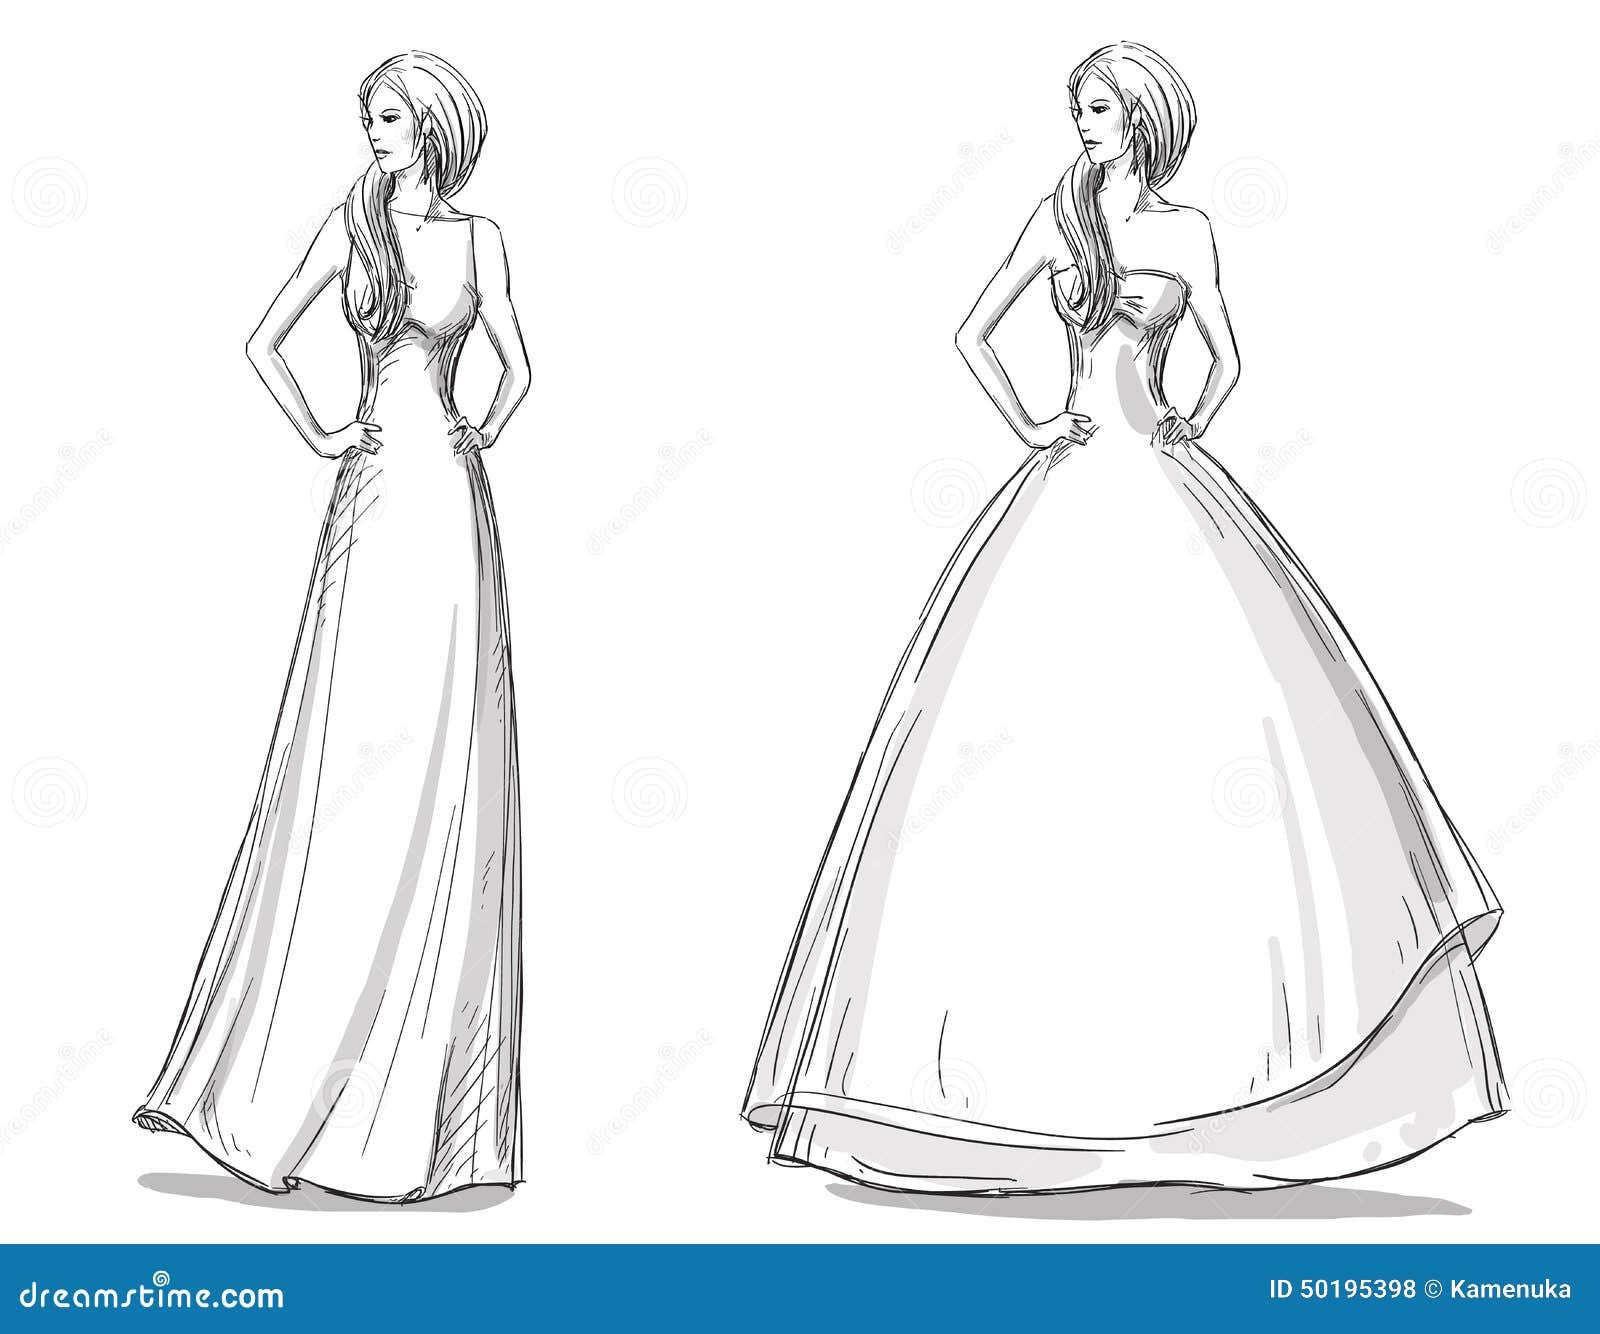 Desain Karikatur: Gezeichnete Illustration Der Mode Hand Langes Kleid Braut